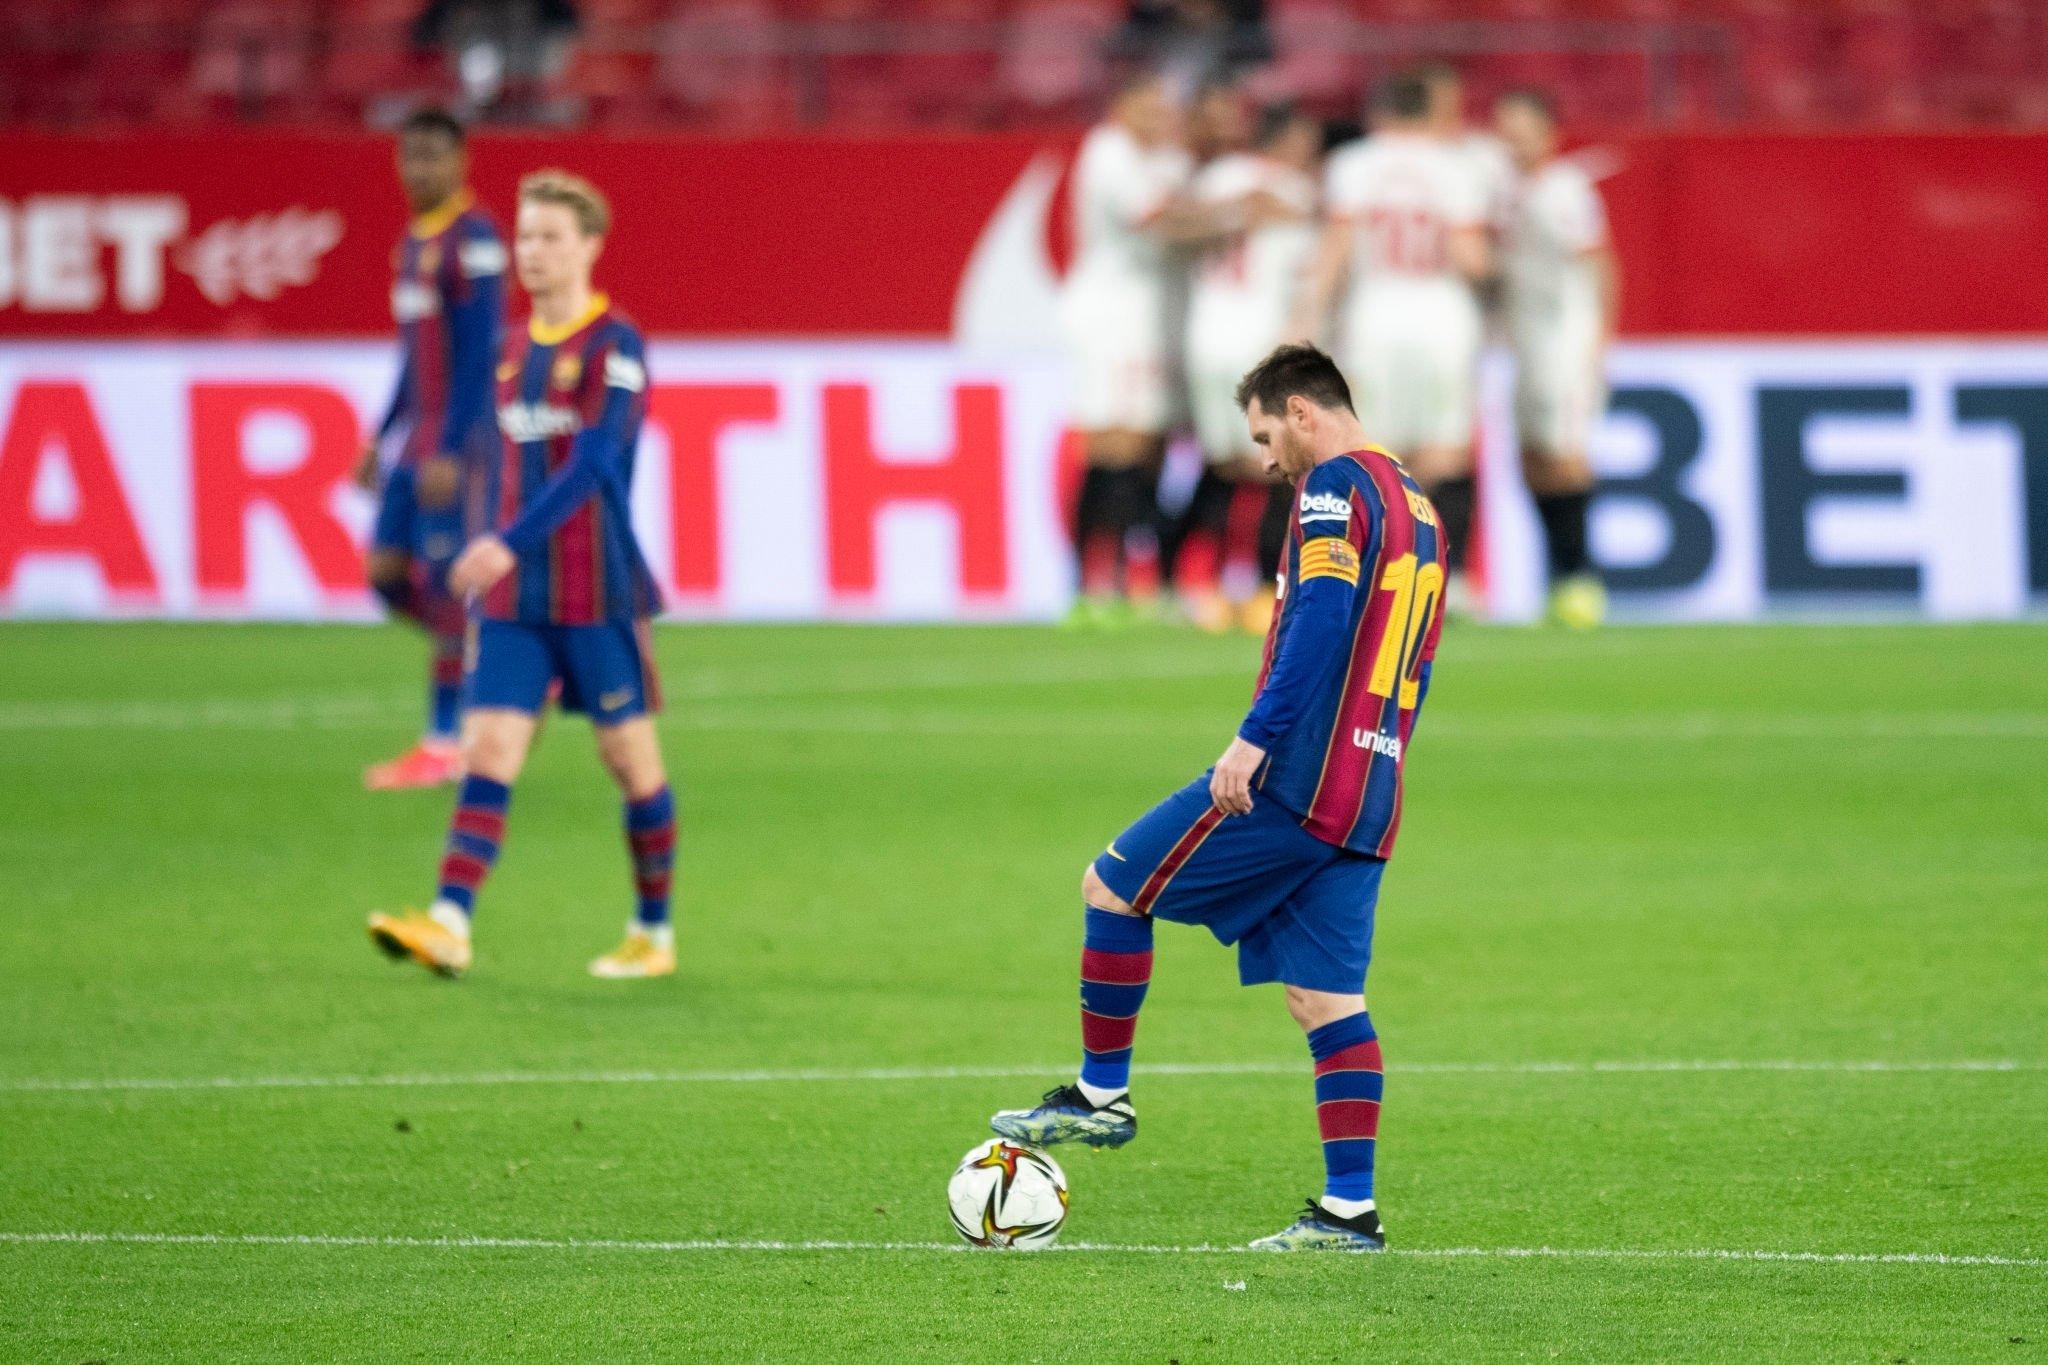 कोपा डेल रे सेमिफाइनल : सेभिल्लाले बार्सिलोनालाई चखायो नमिठो हार